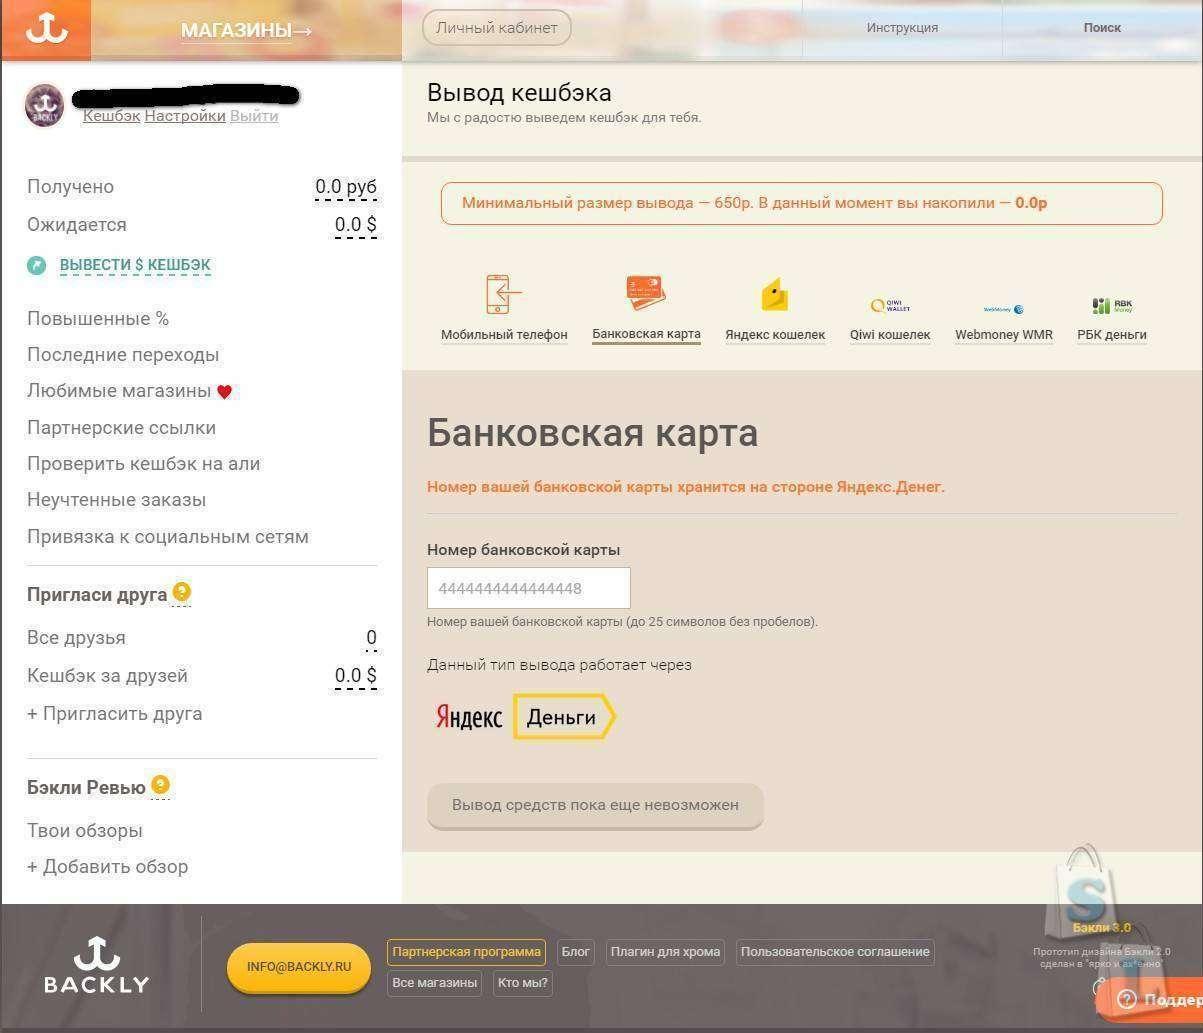 Кэшбек сервисы: Как экономить и зарабатывать на покупках - сервис возврата денег Backly